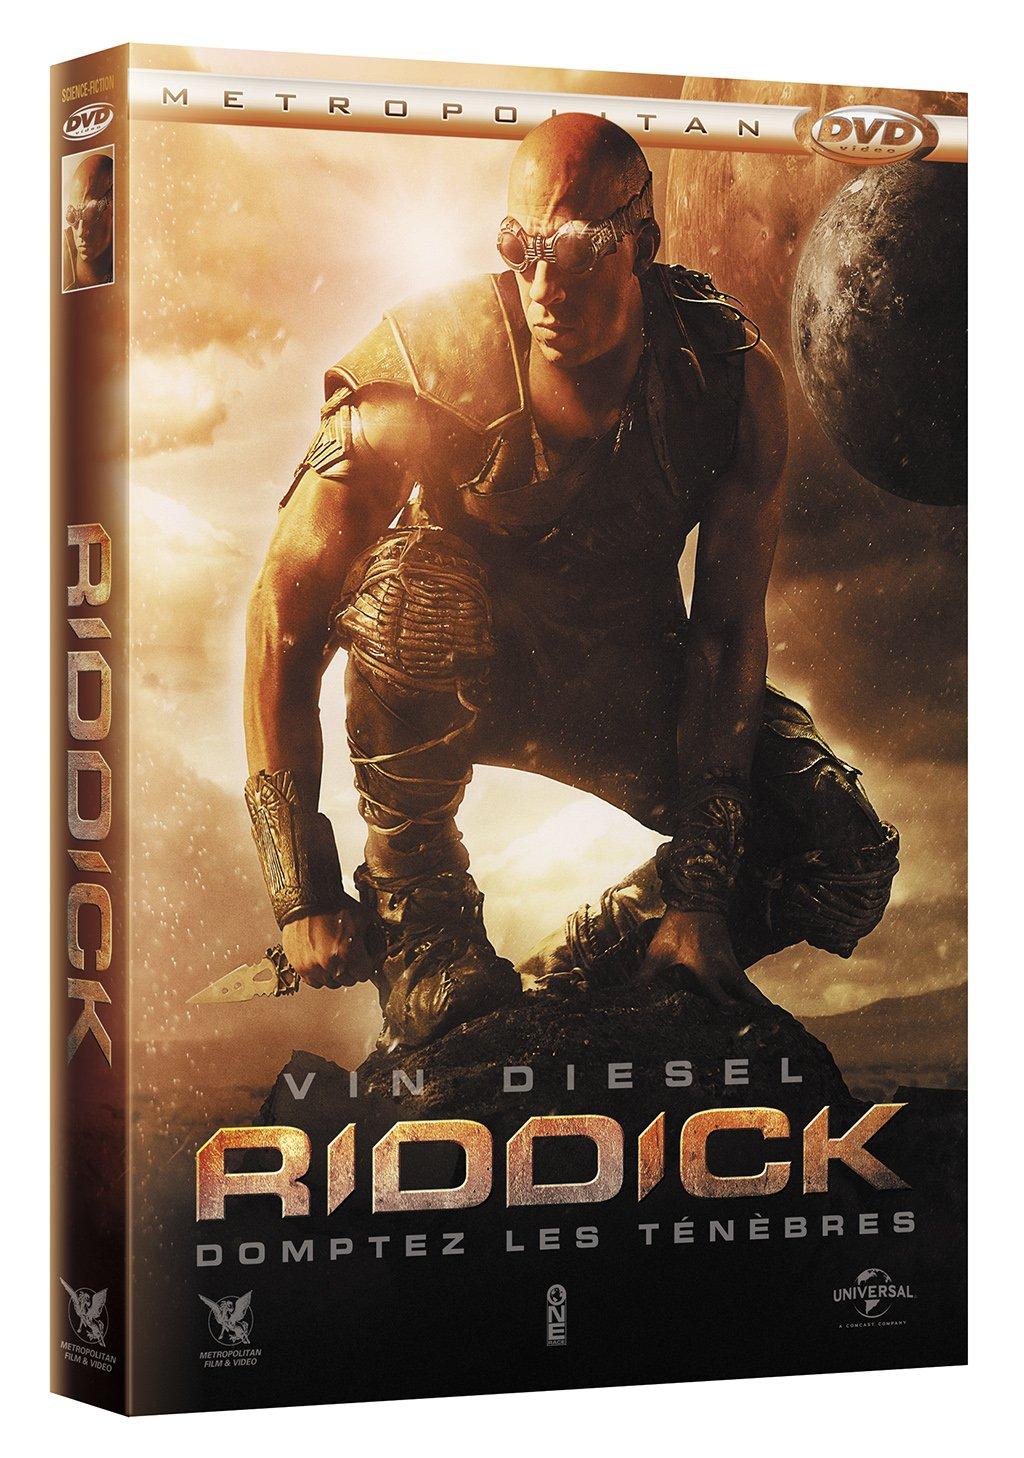 Riddick - 2013 - David Twohy 81bgpkP5m3L._SL1458_